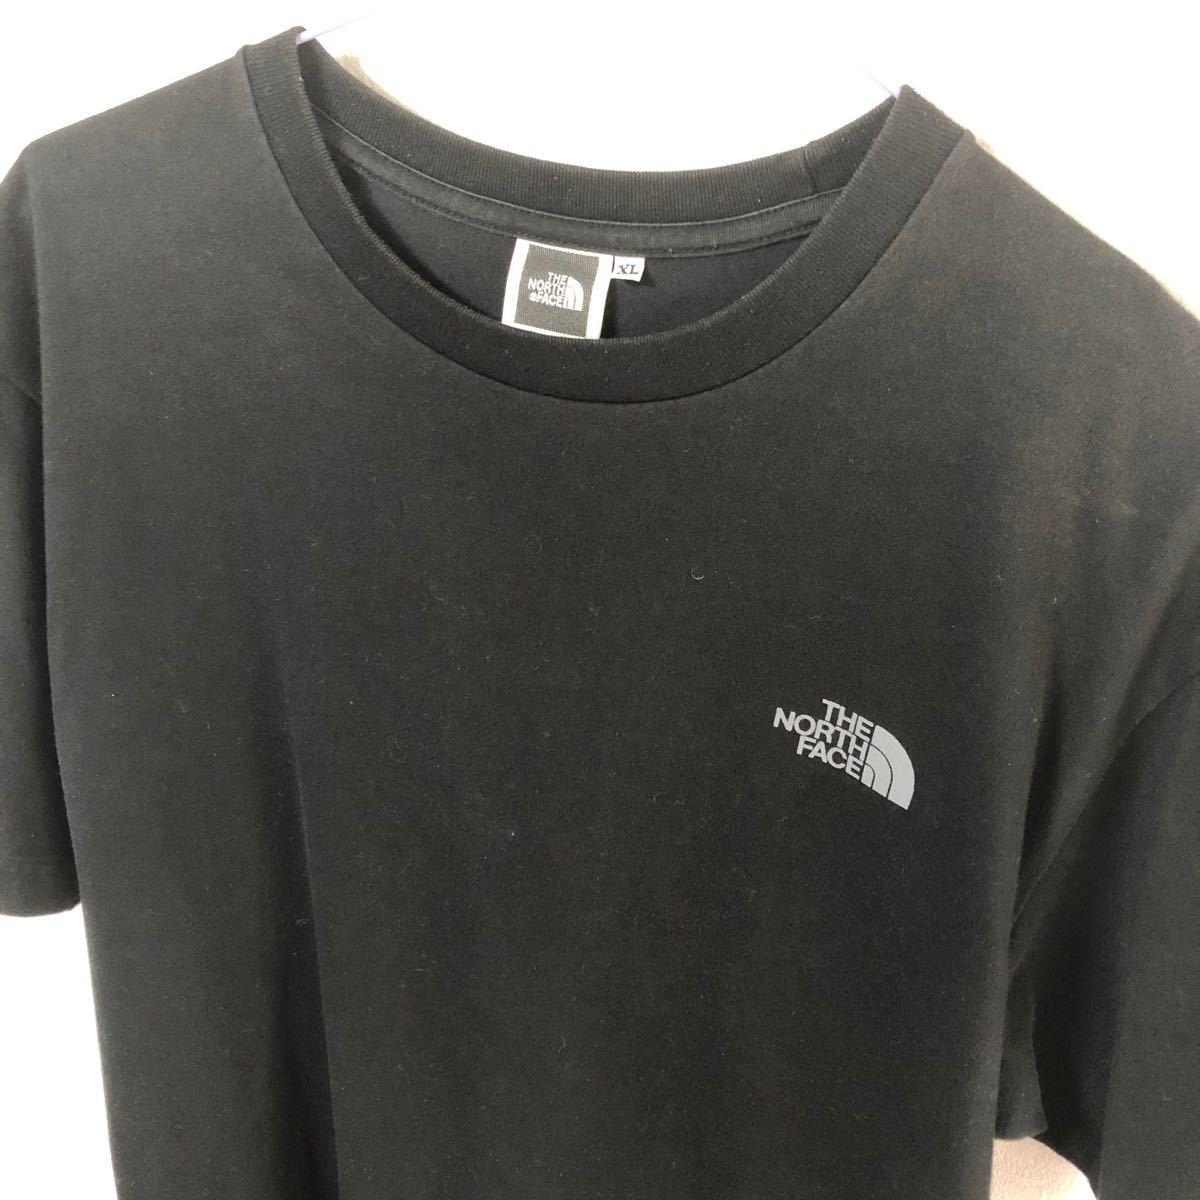 THE NORTH FACE ザノースフェイス アコンカグア 半袖Tシャツ